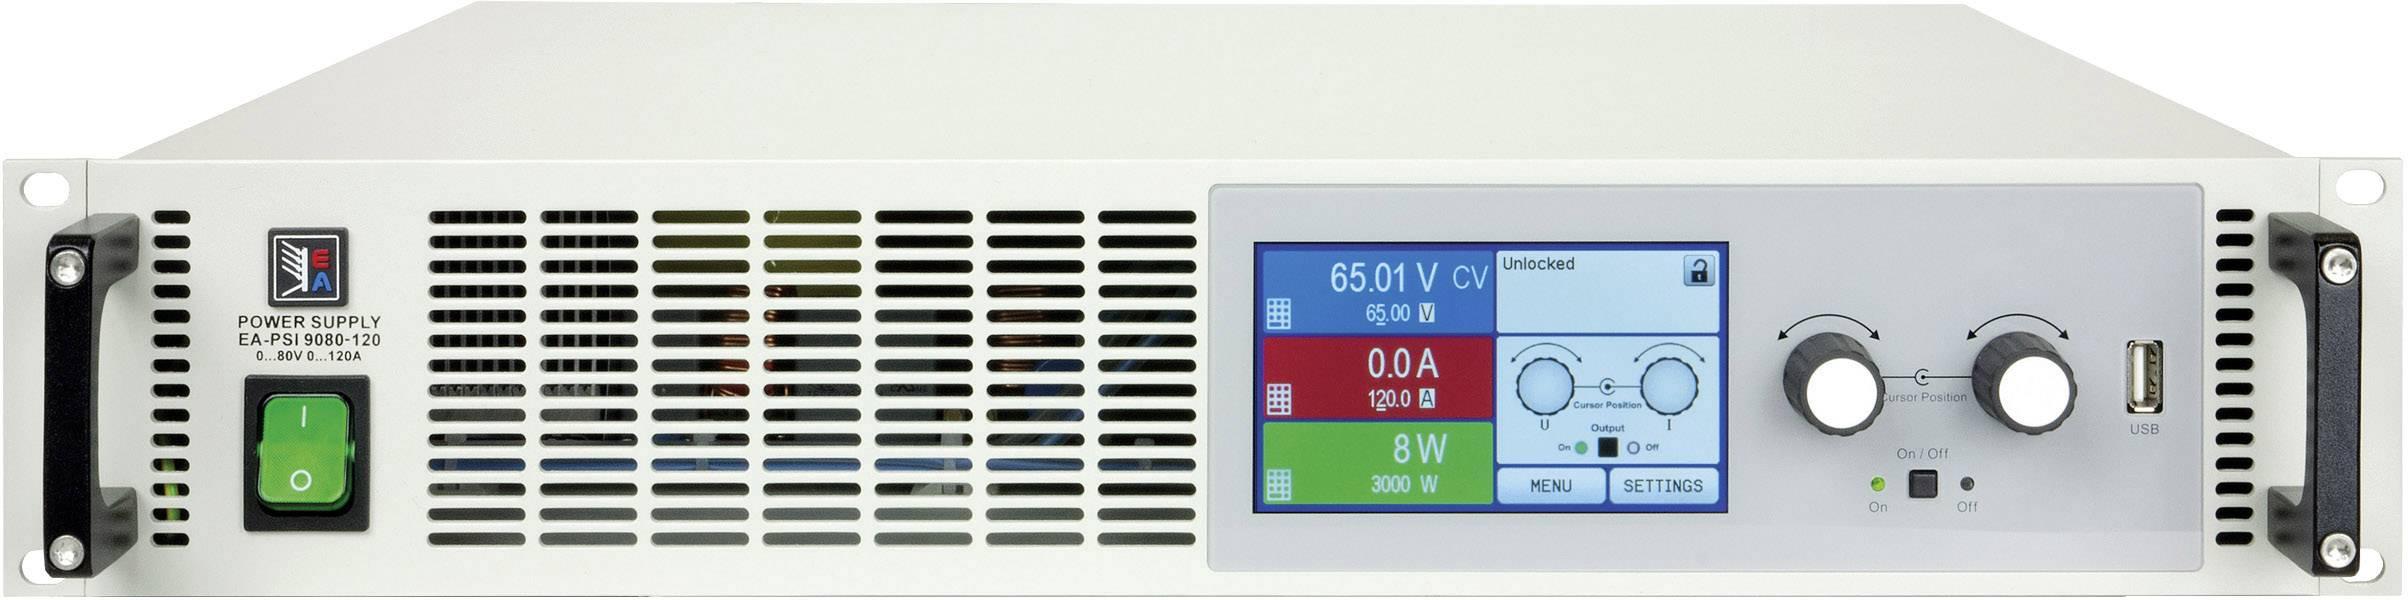 Programovateľný laboratórny zdroj EA EA-PSI 9040-60, 2U, 40 V, 60 A, 1500 W, USB